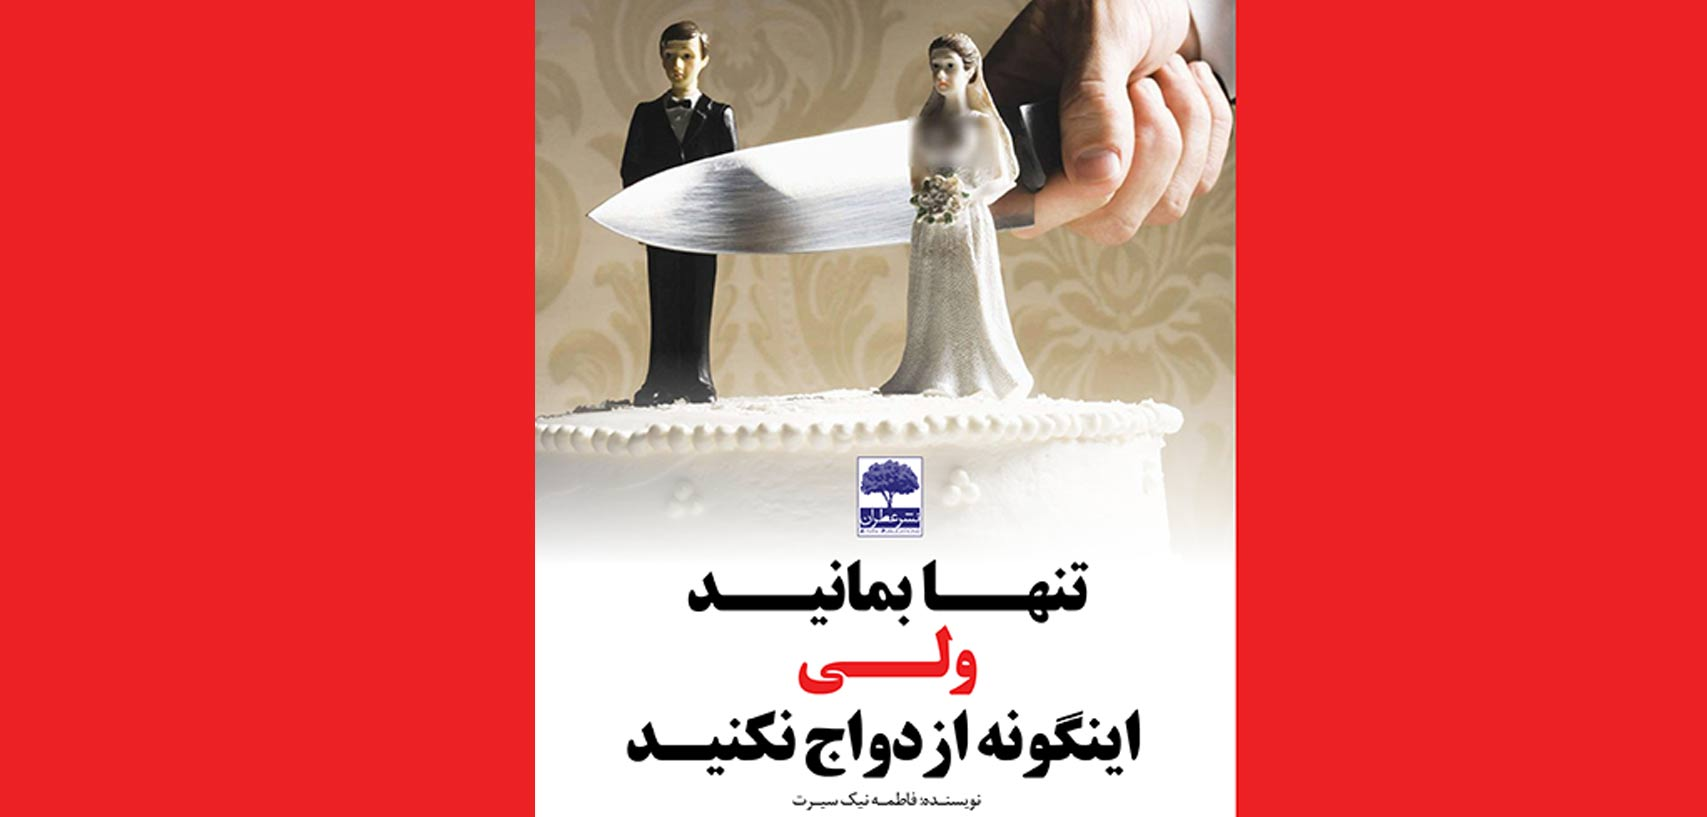 انتشارات عطران: راه های تضمینی کسب درآمد اینترنتی با گوشی موبایل به قلم خانم